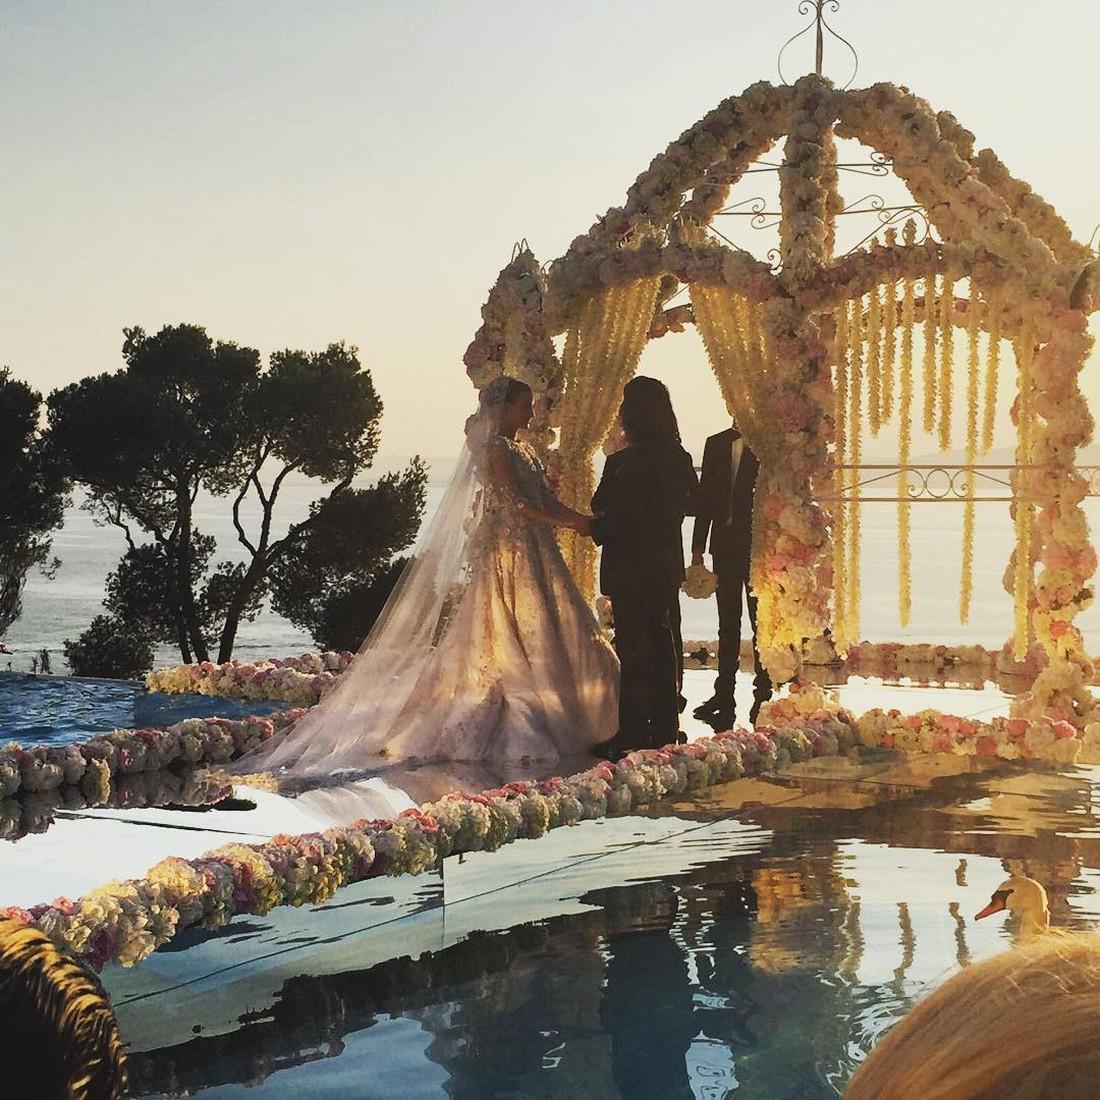 Донька українського мільярдера вийшла заміж за онука міністра Каддафі (ФОТО)